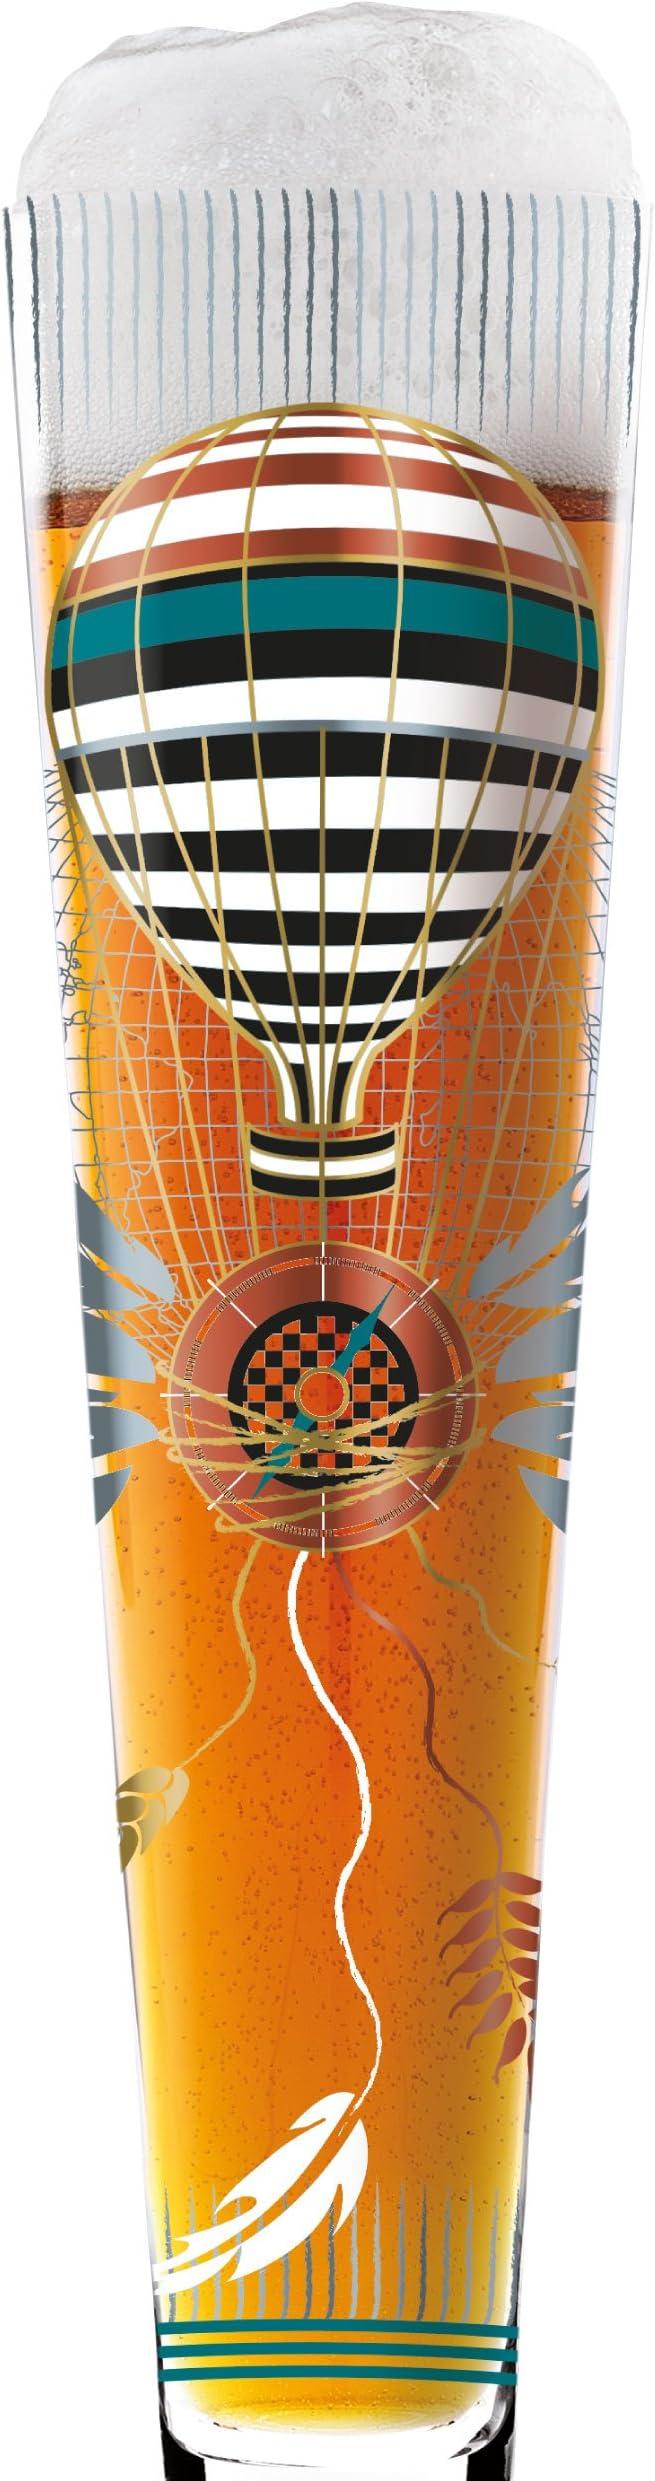 /Vaso RITZENHOFF 1060230/Black Label/ Multicolor 3,5/x 3,5/x 11,3/cm